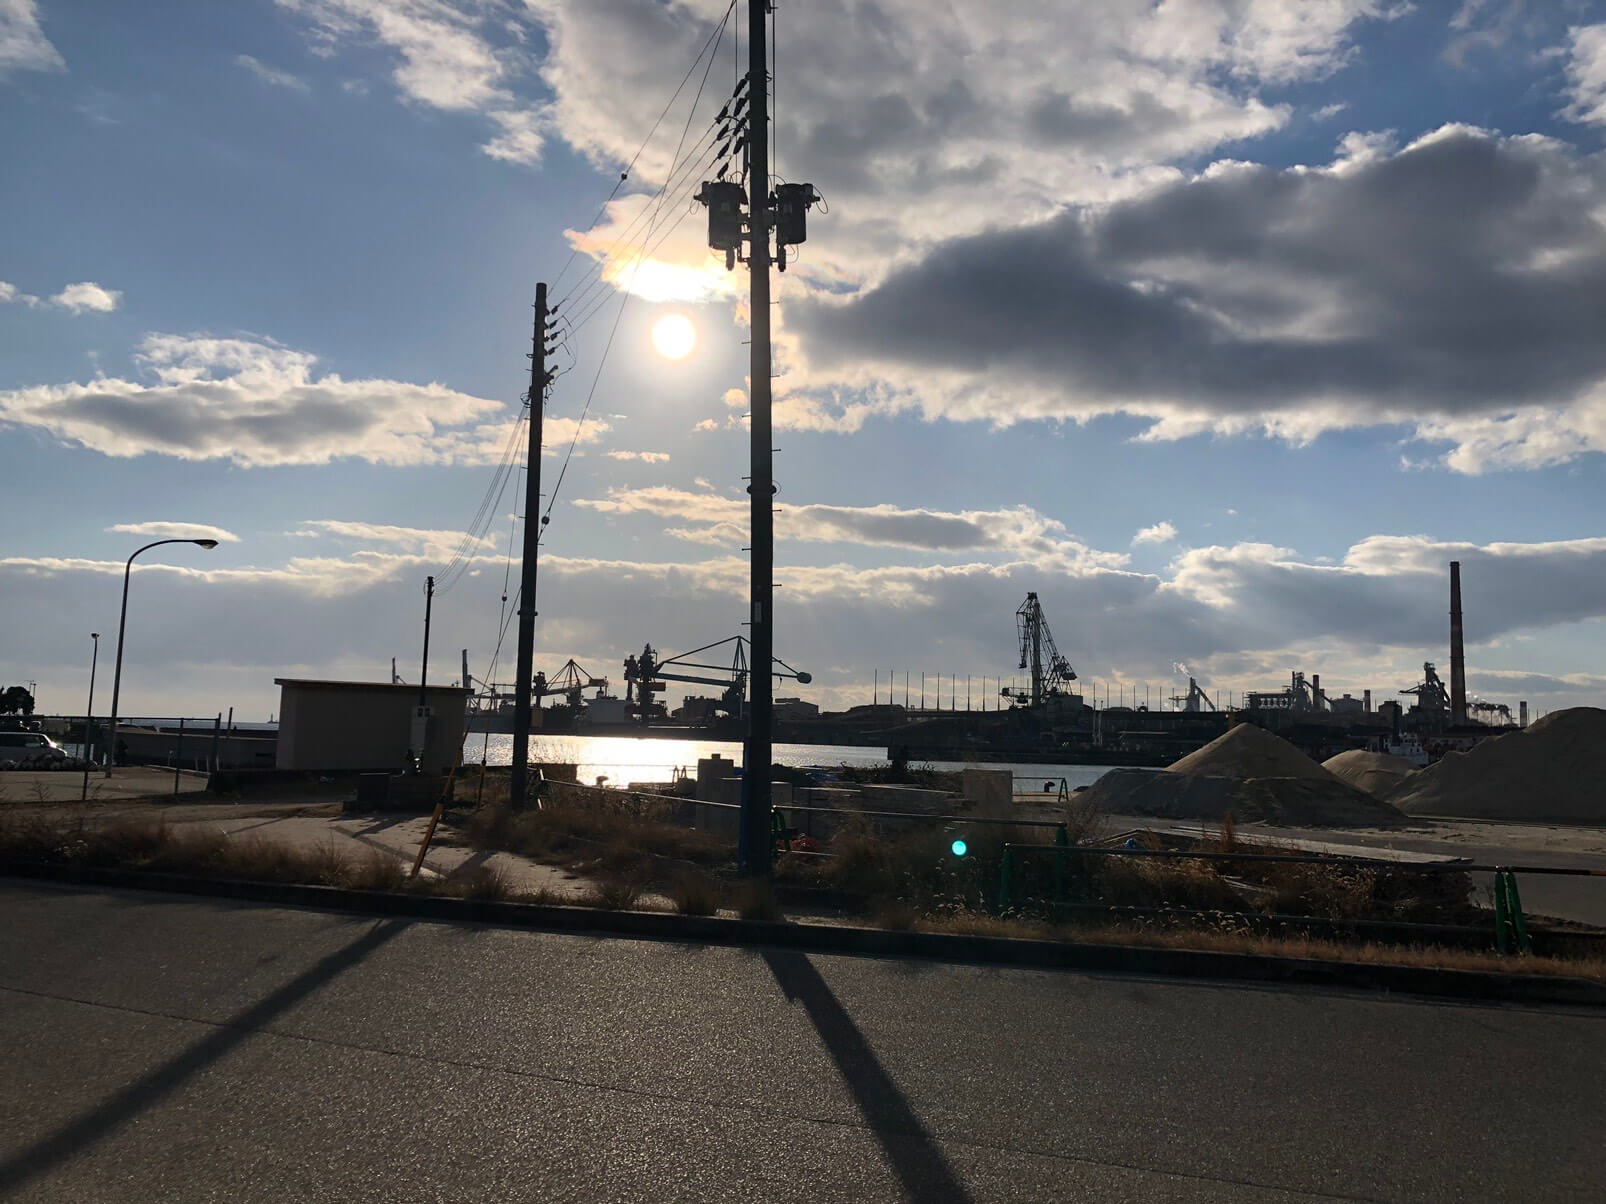 加古川海洋文化センター近くから見た工場